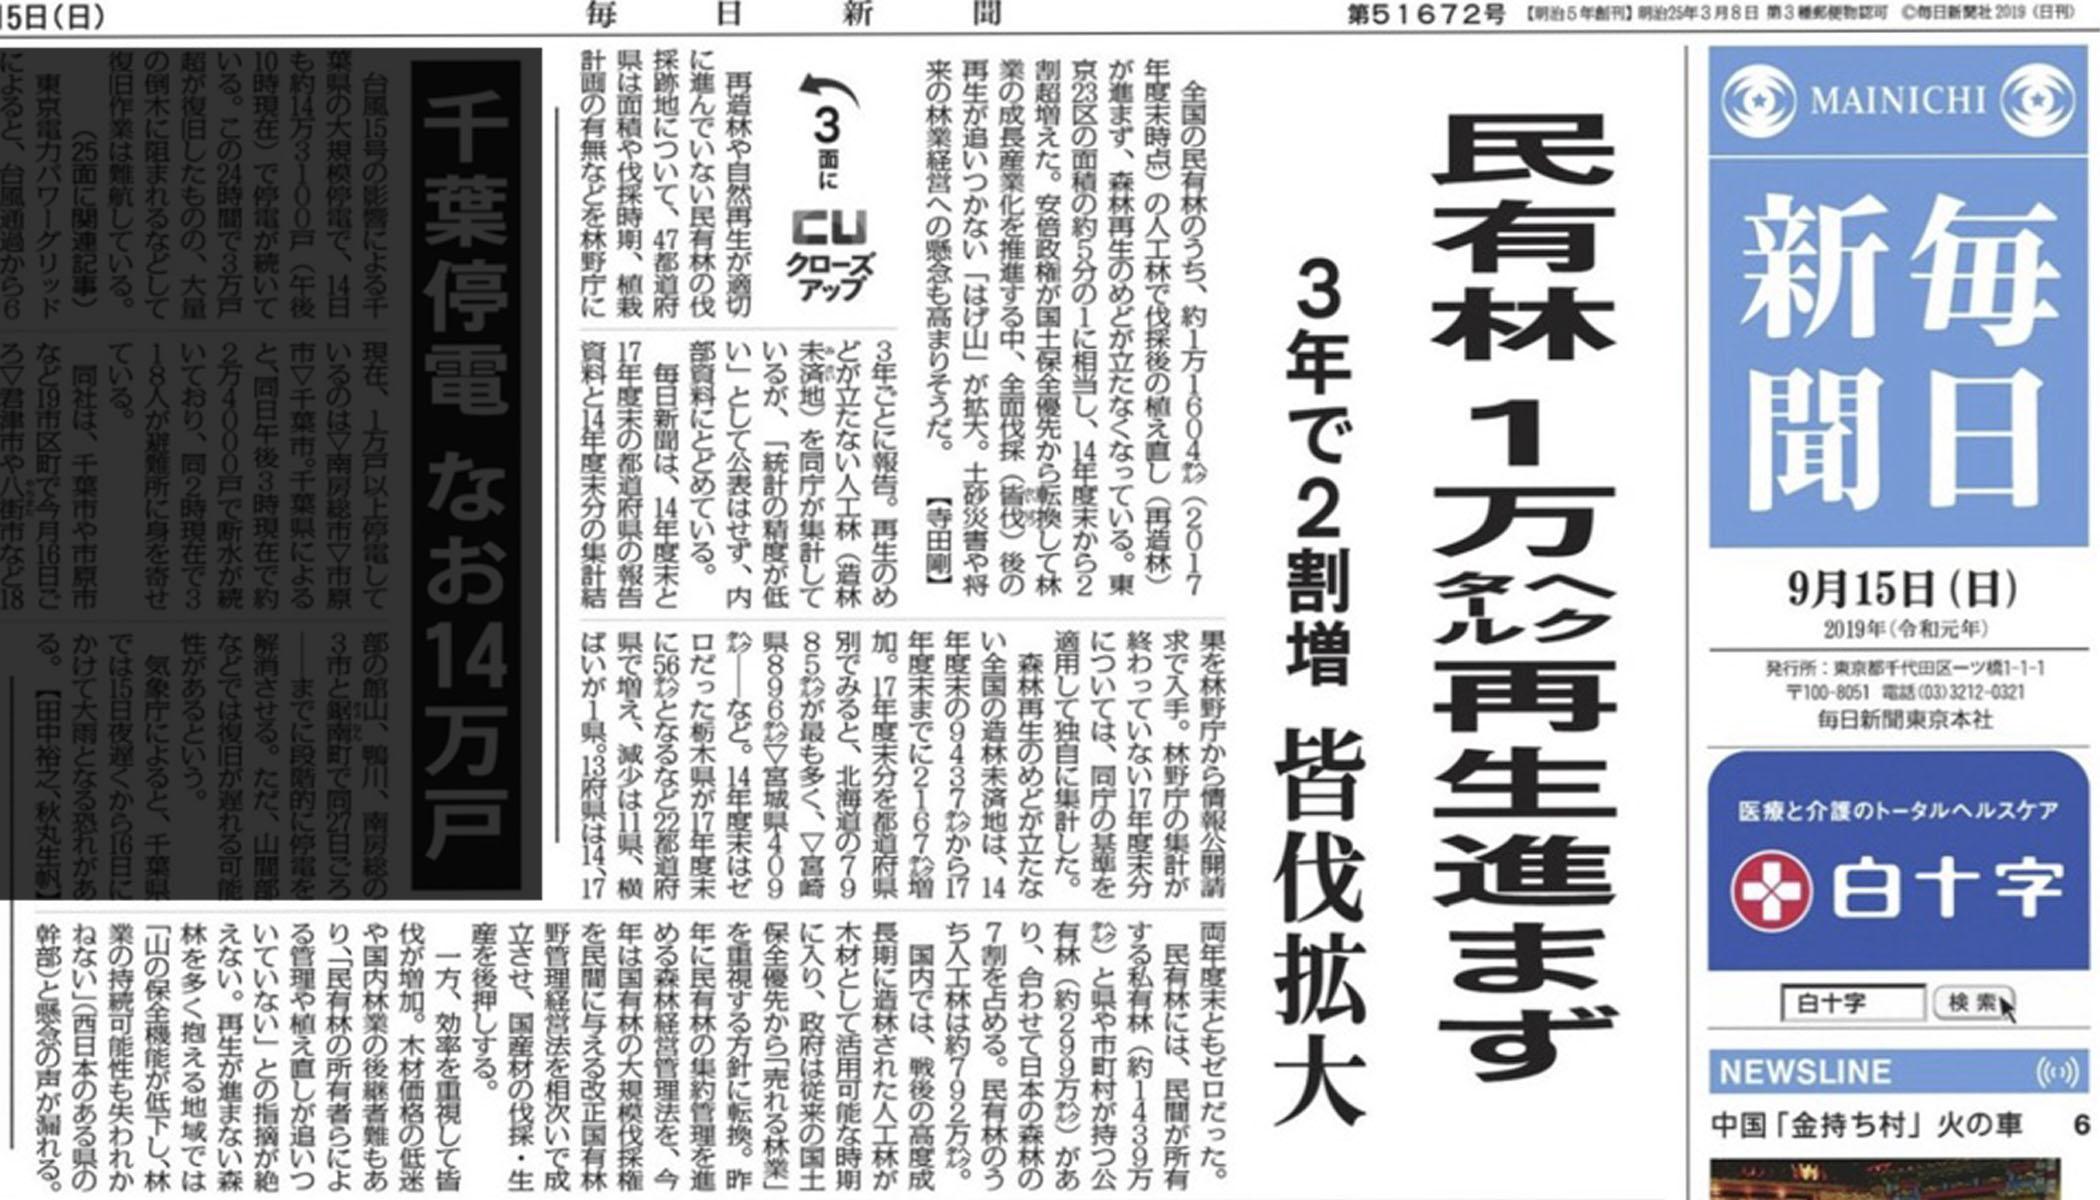 毎日新聞スクープ記事「民有林1万ヘクタール超 伐採後の植え直し進まず」